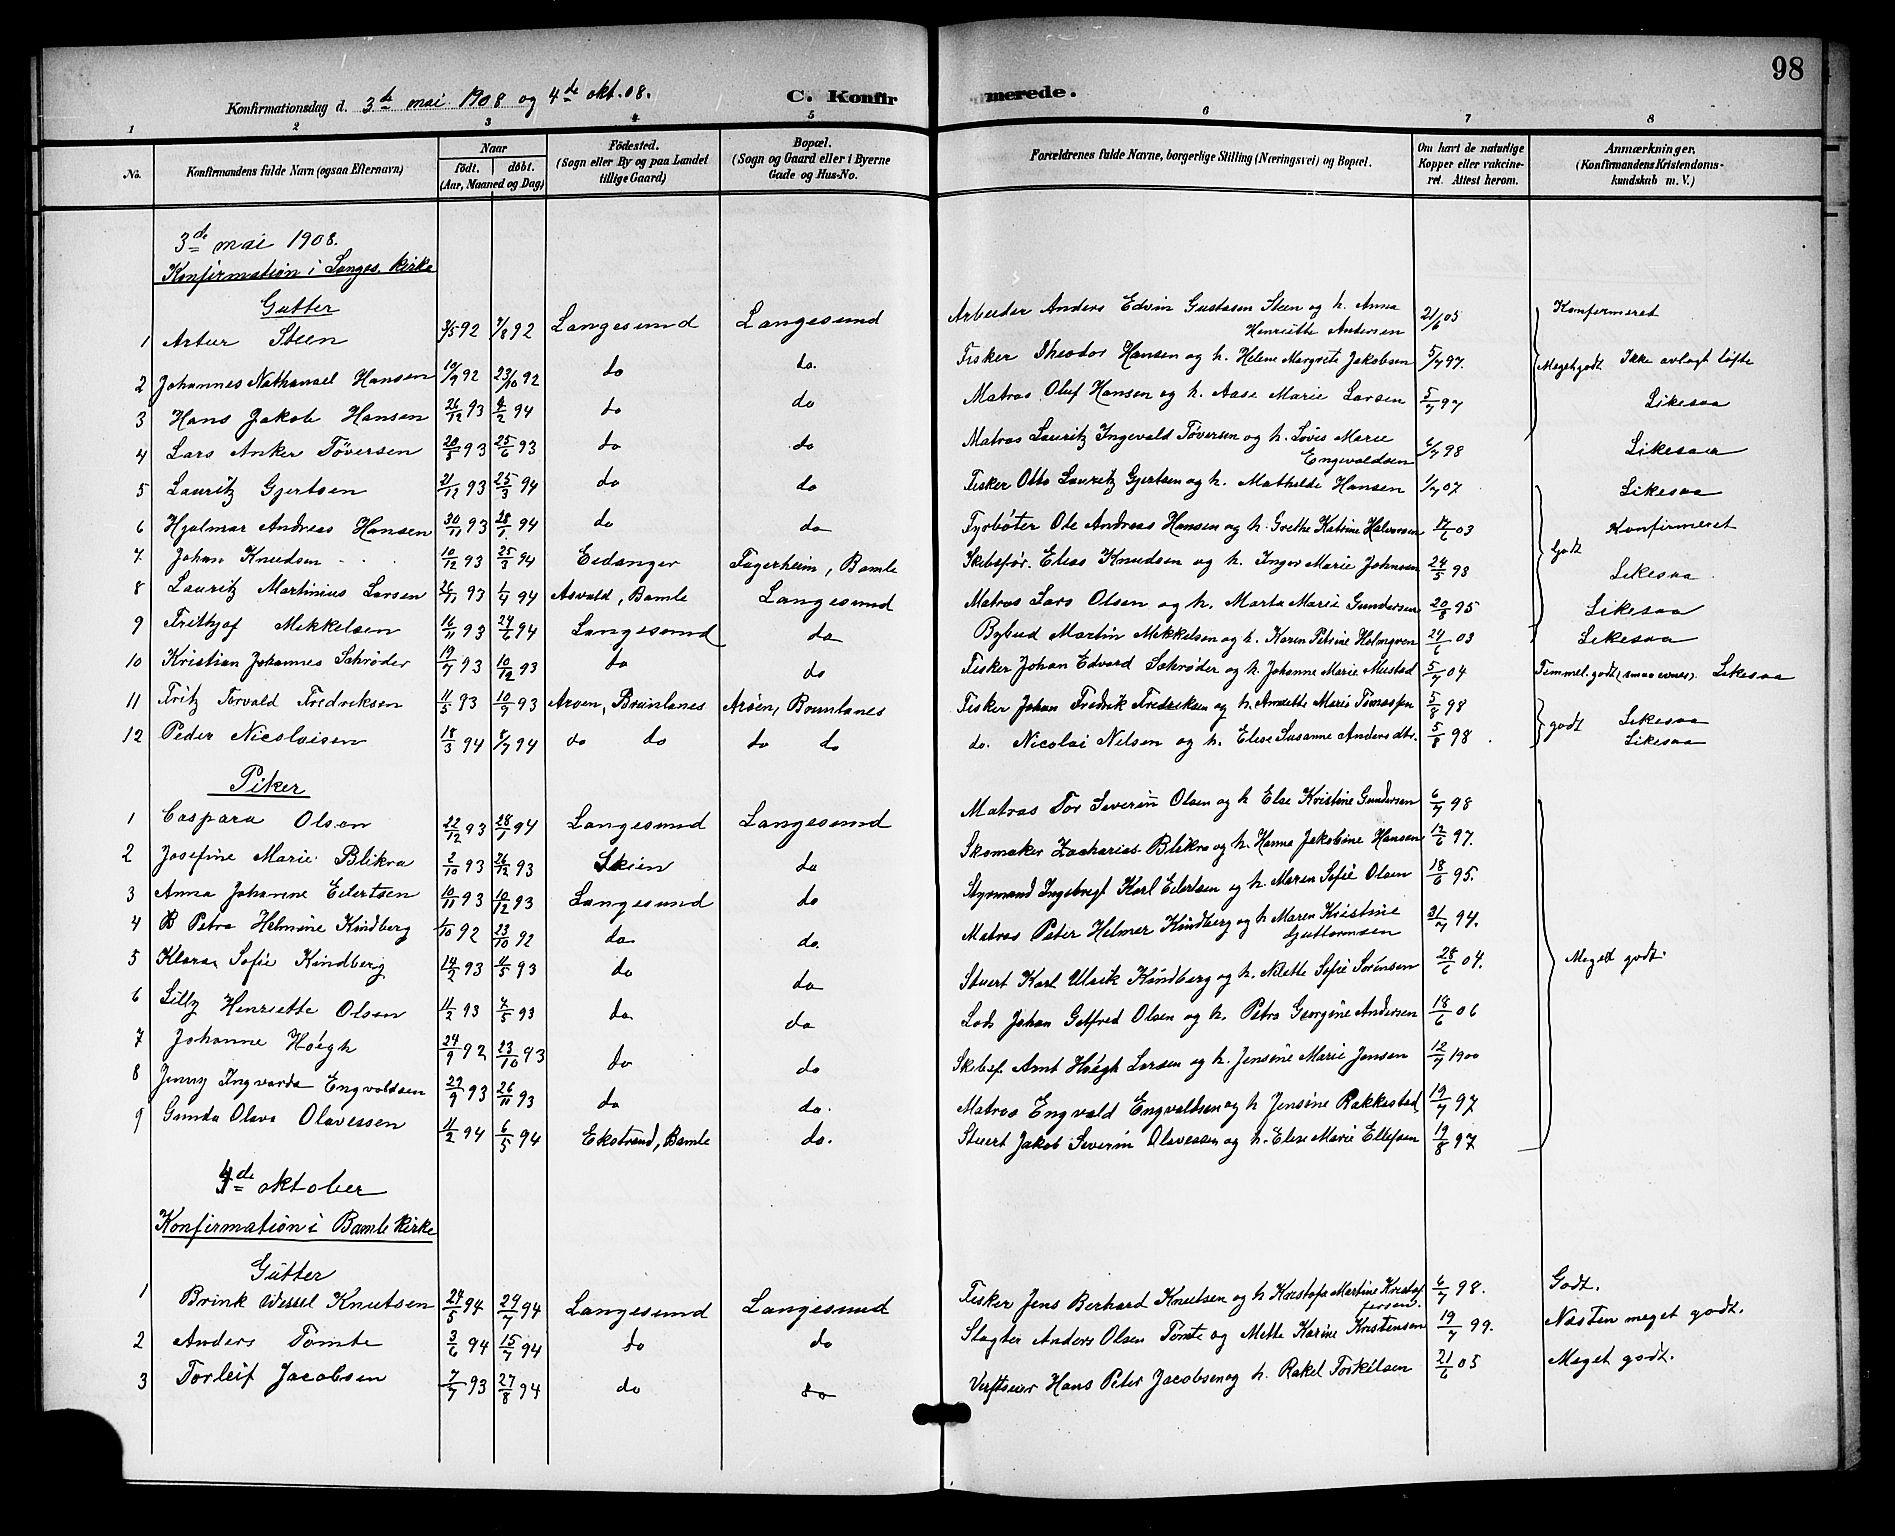 SAKO, Langesund kirkebøker, G/Ga/L0006: Klokkerbok nr. 6, 1899-1918, s. 98